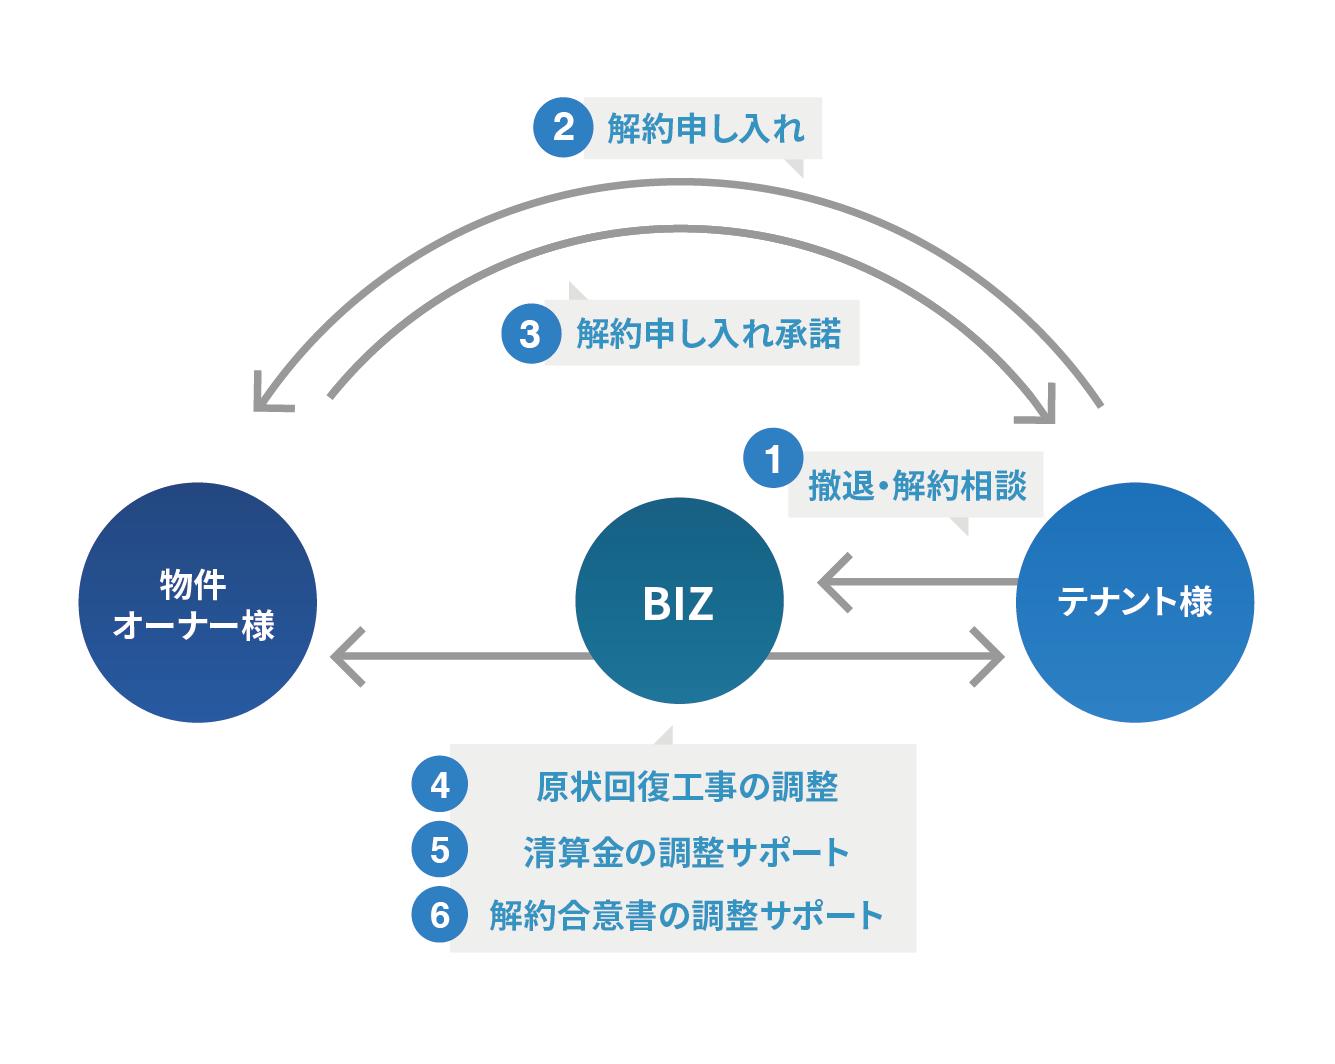 サポート業務の流れの図